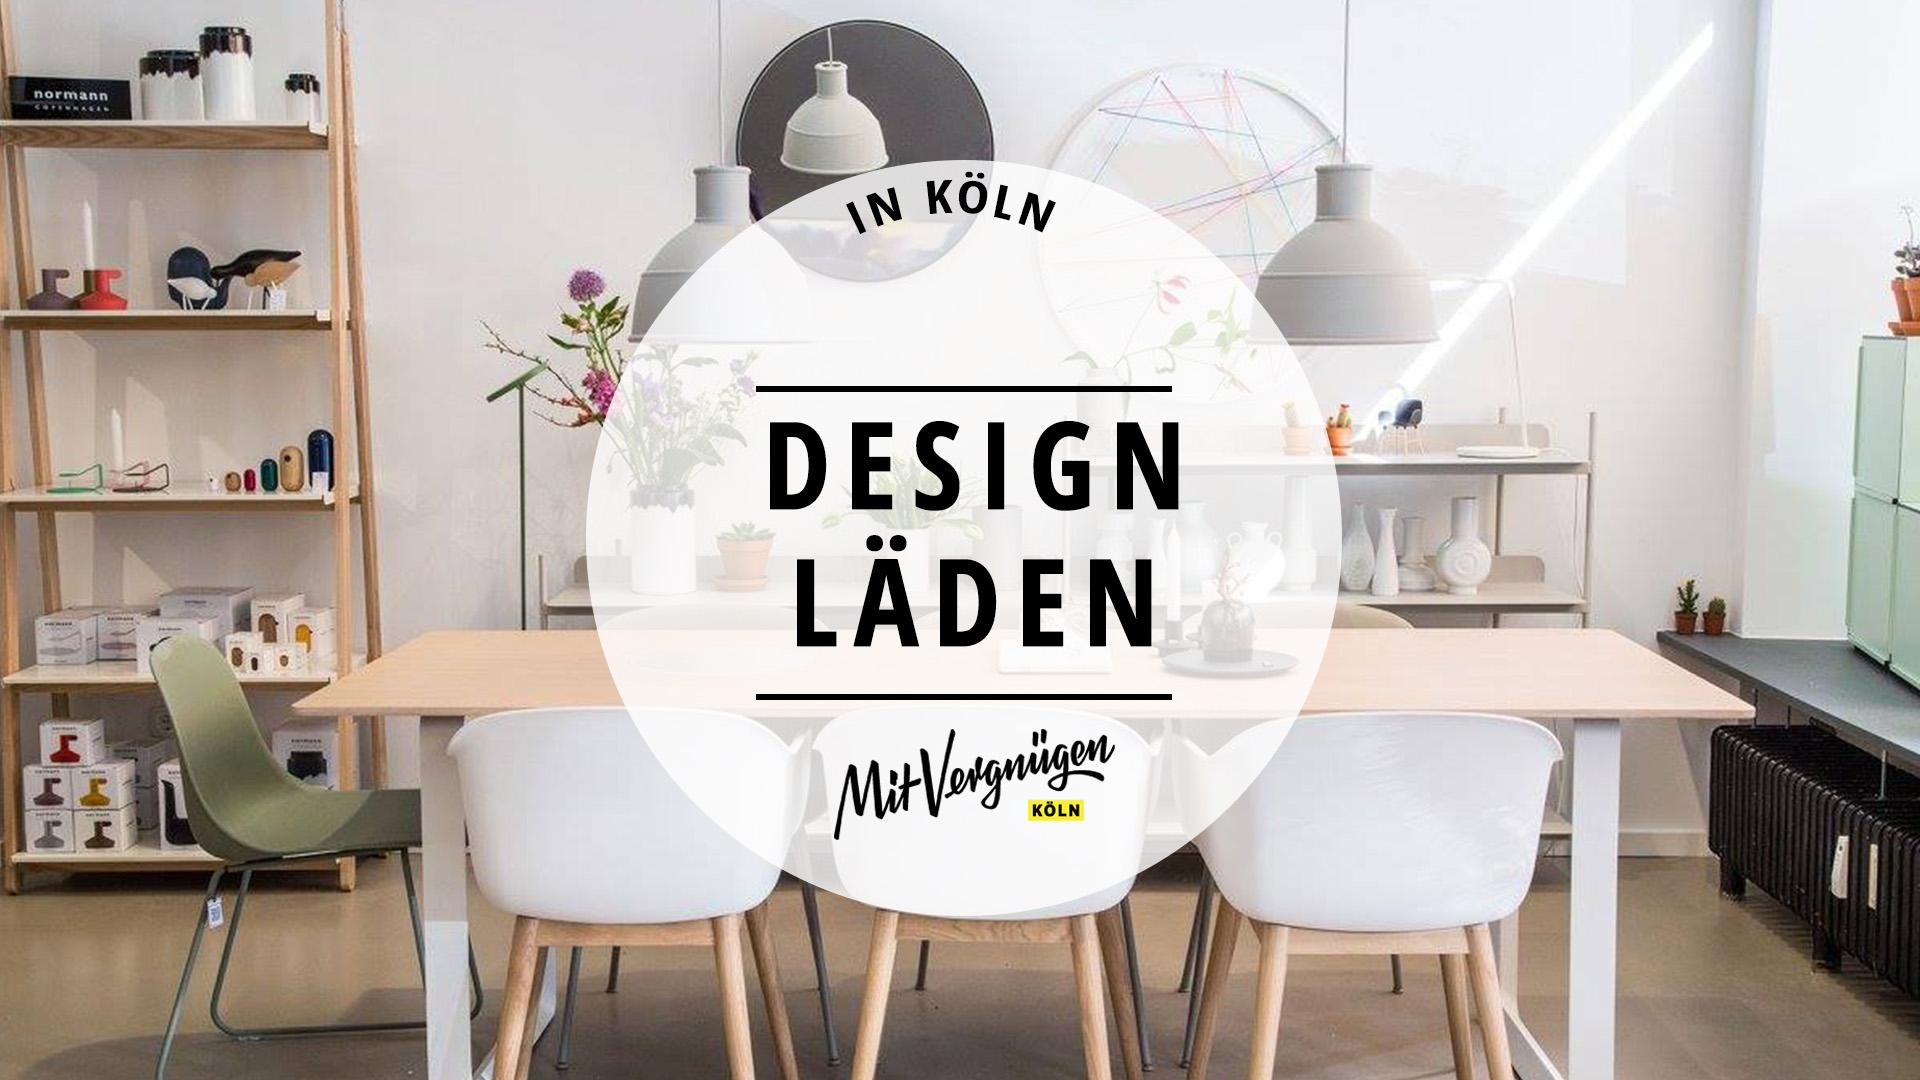 11 tolle design-läden in köln, die du kennen solltest | mit